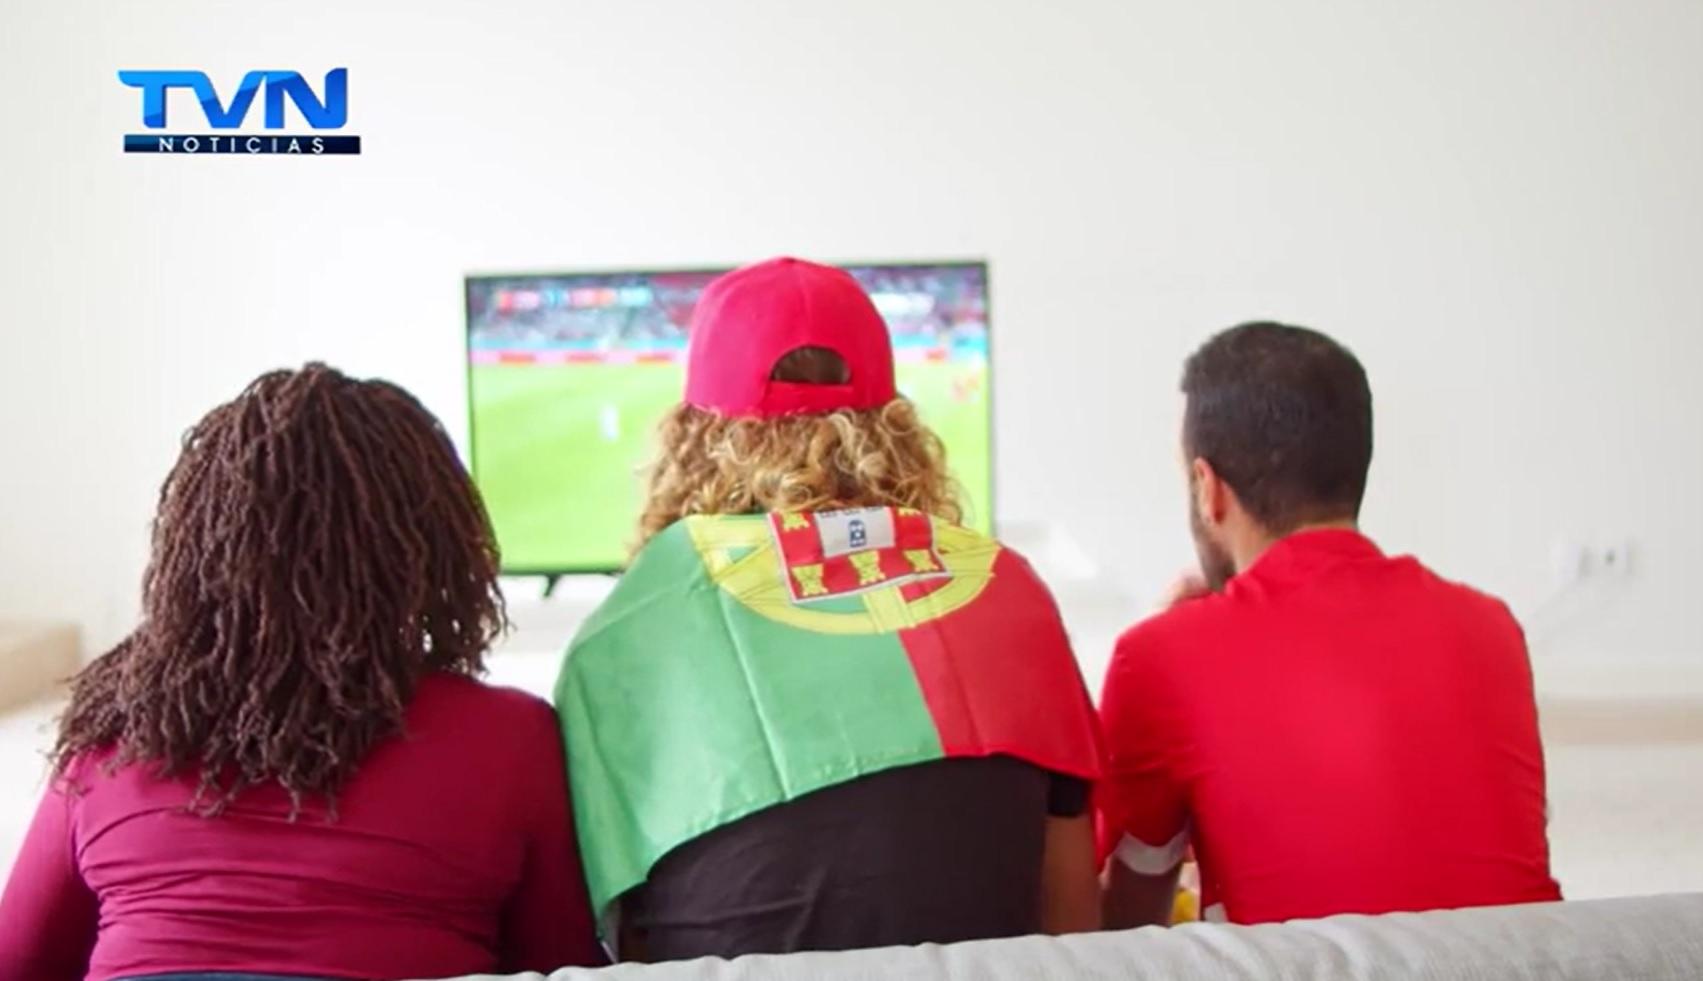 Habitantes norteños tendrán acceso a la mejor señal para ver televisión, al darse el encendido digital este 22 de setiembre